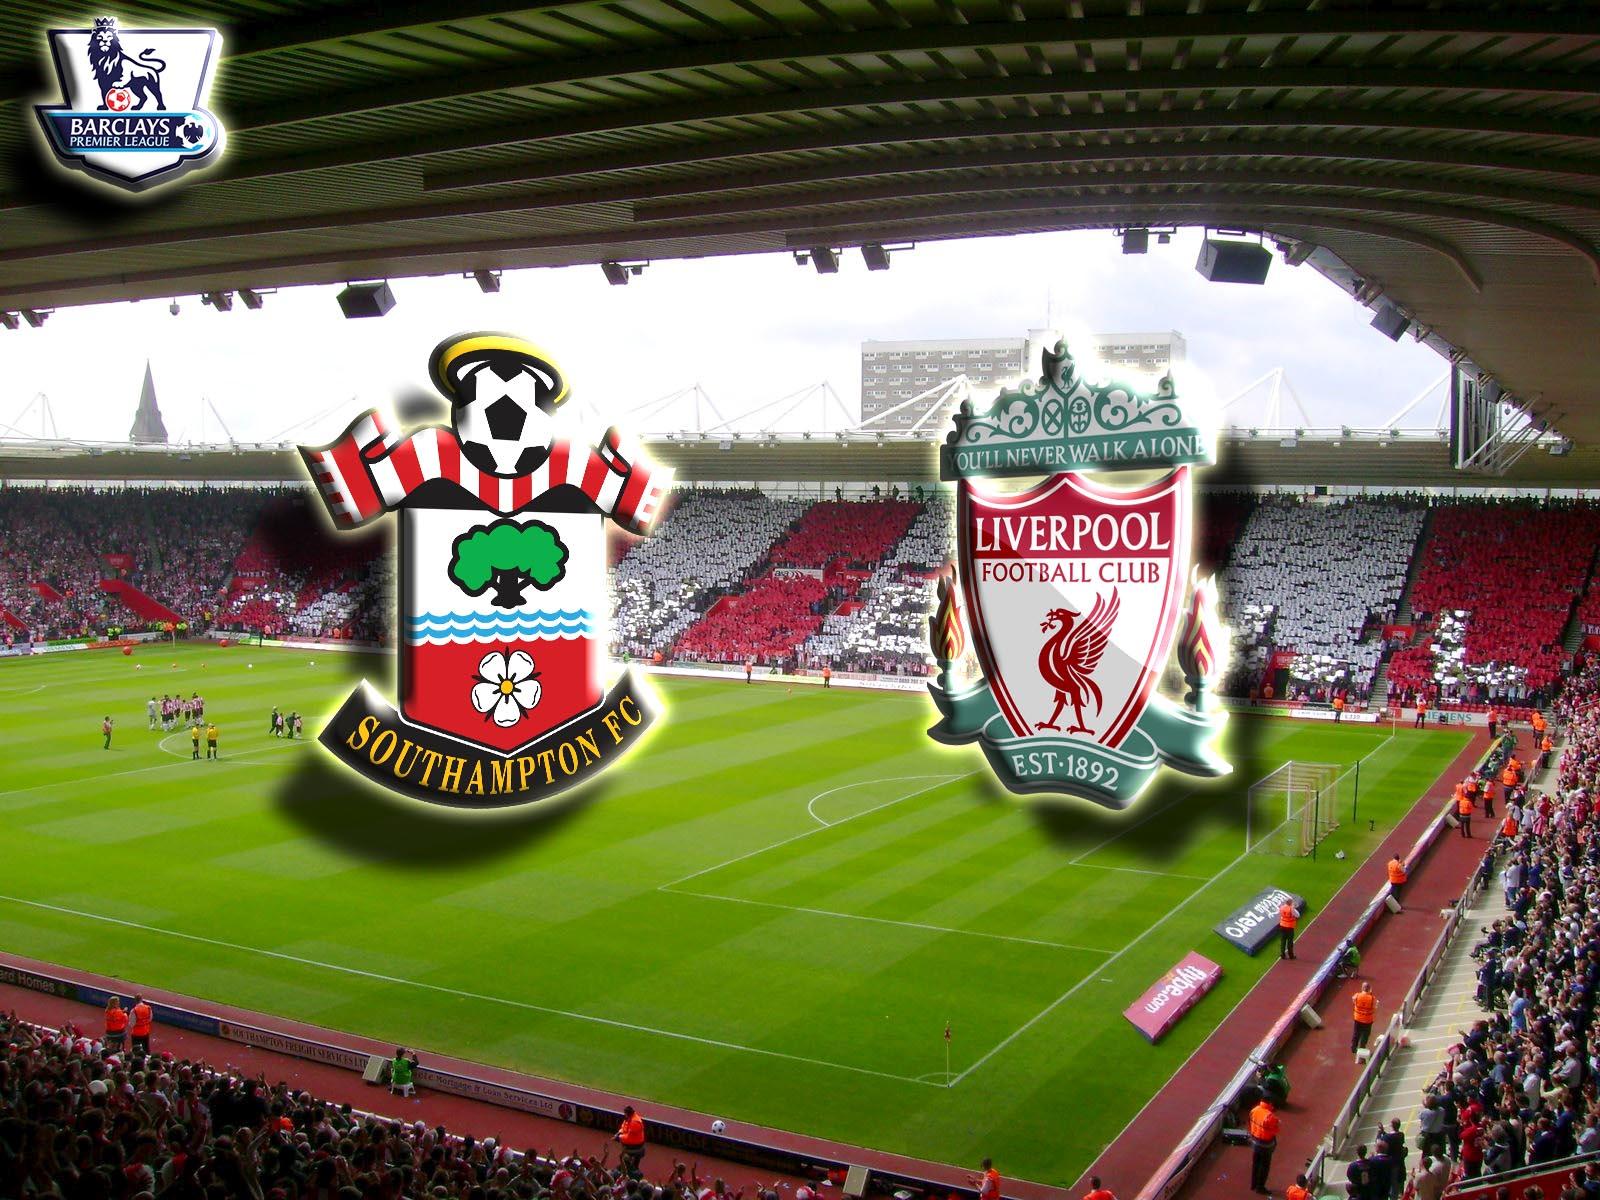 Прогноз на матч Саутгемптон - Ливерпуль 20 марта 2016